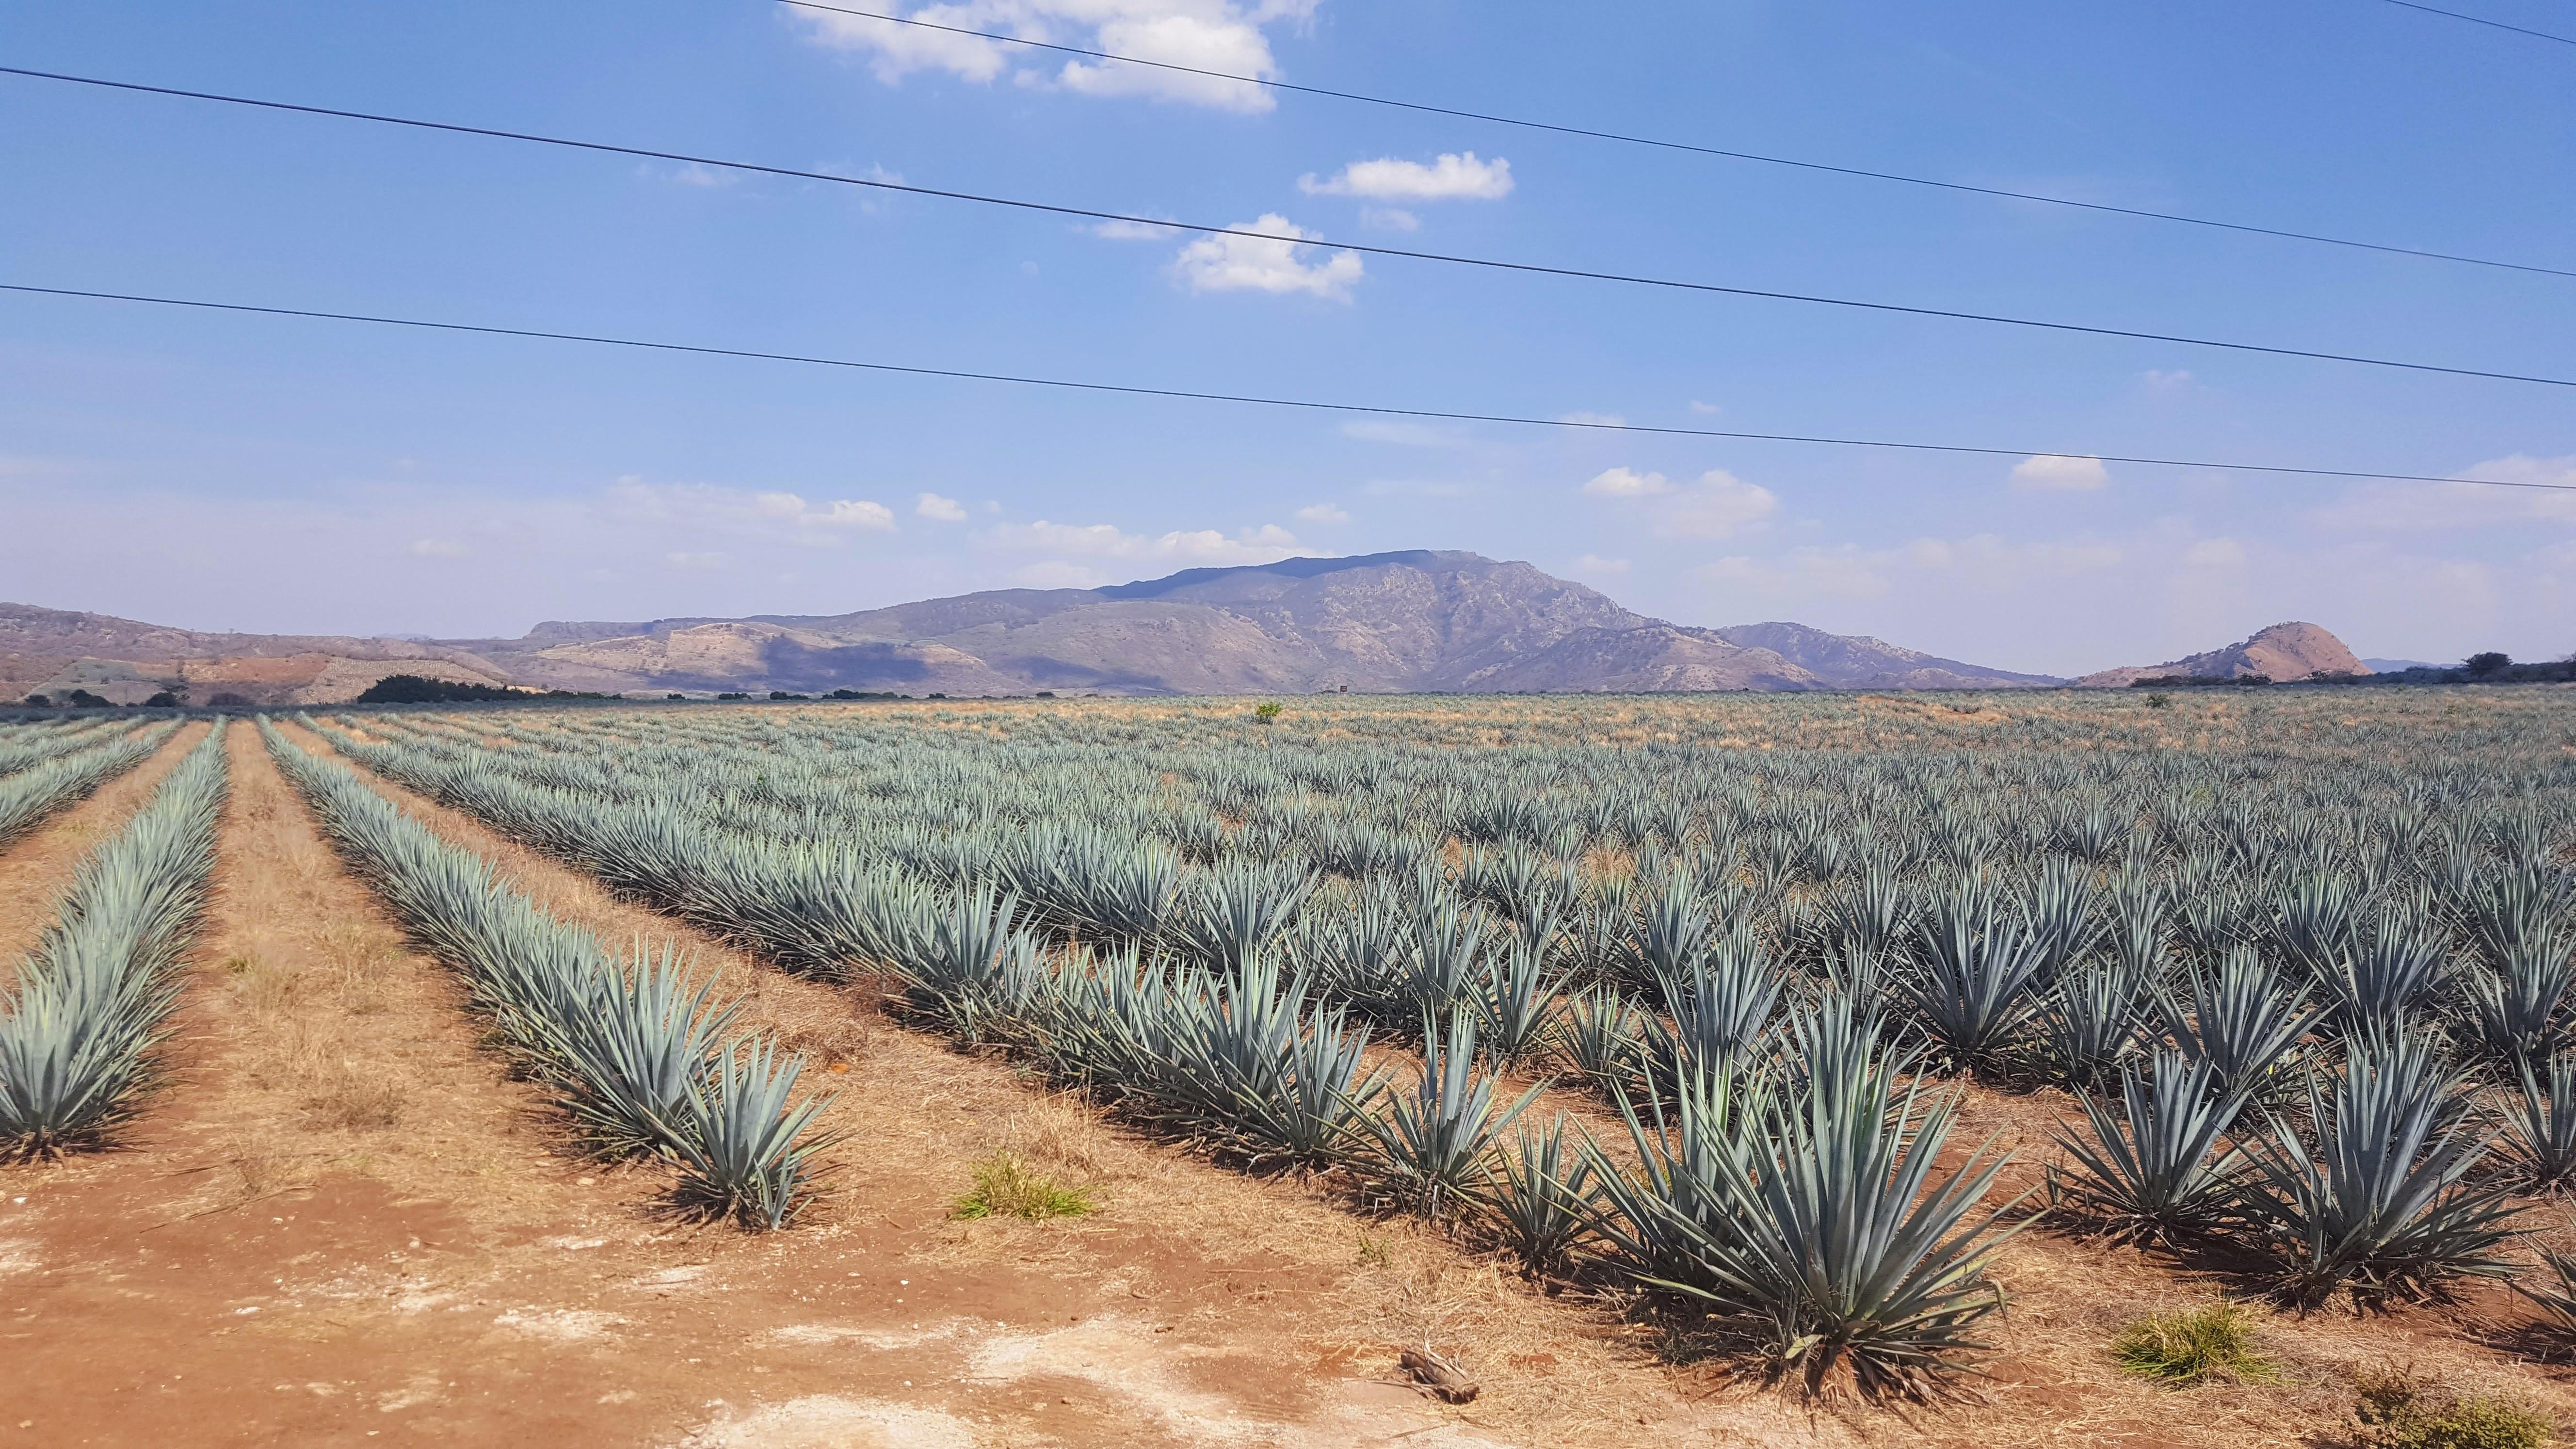 Pyramids, Tequila & Tortas: A Cultural & Culinary Tour